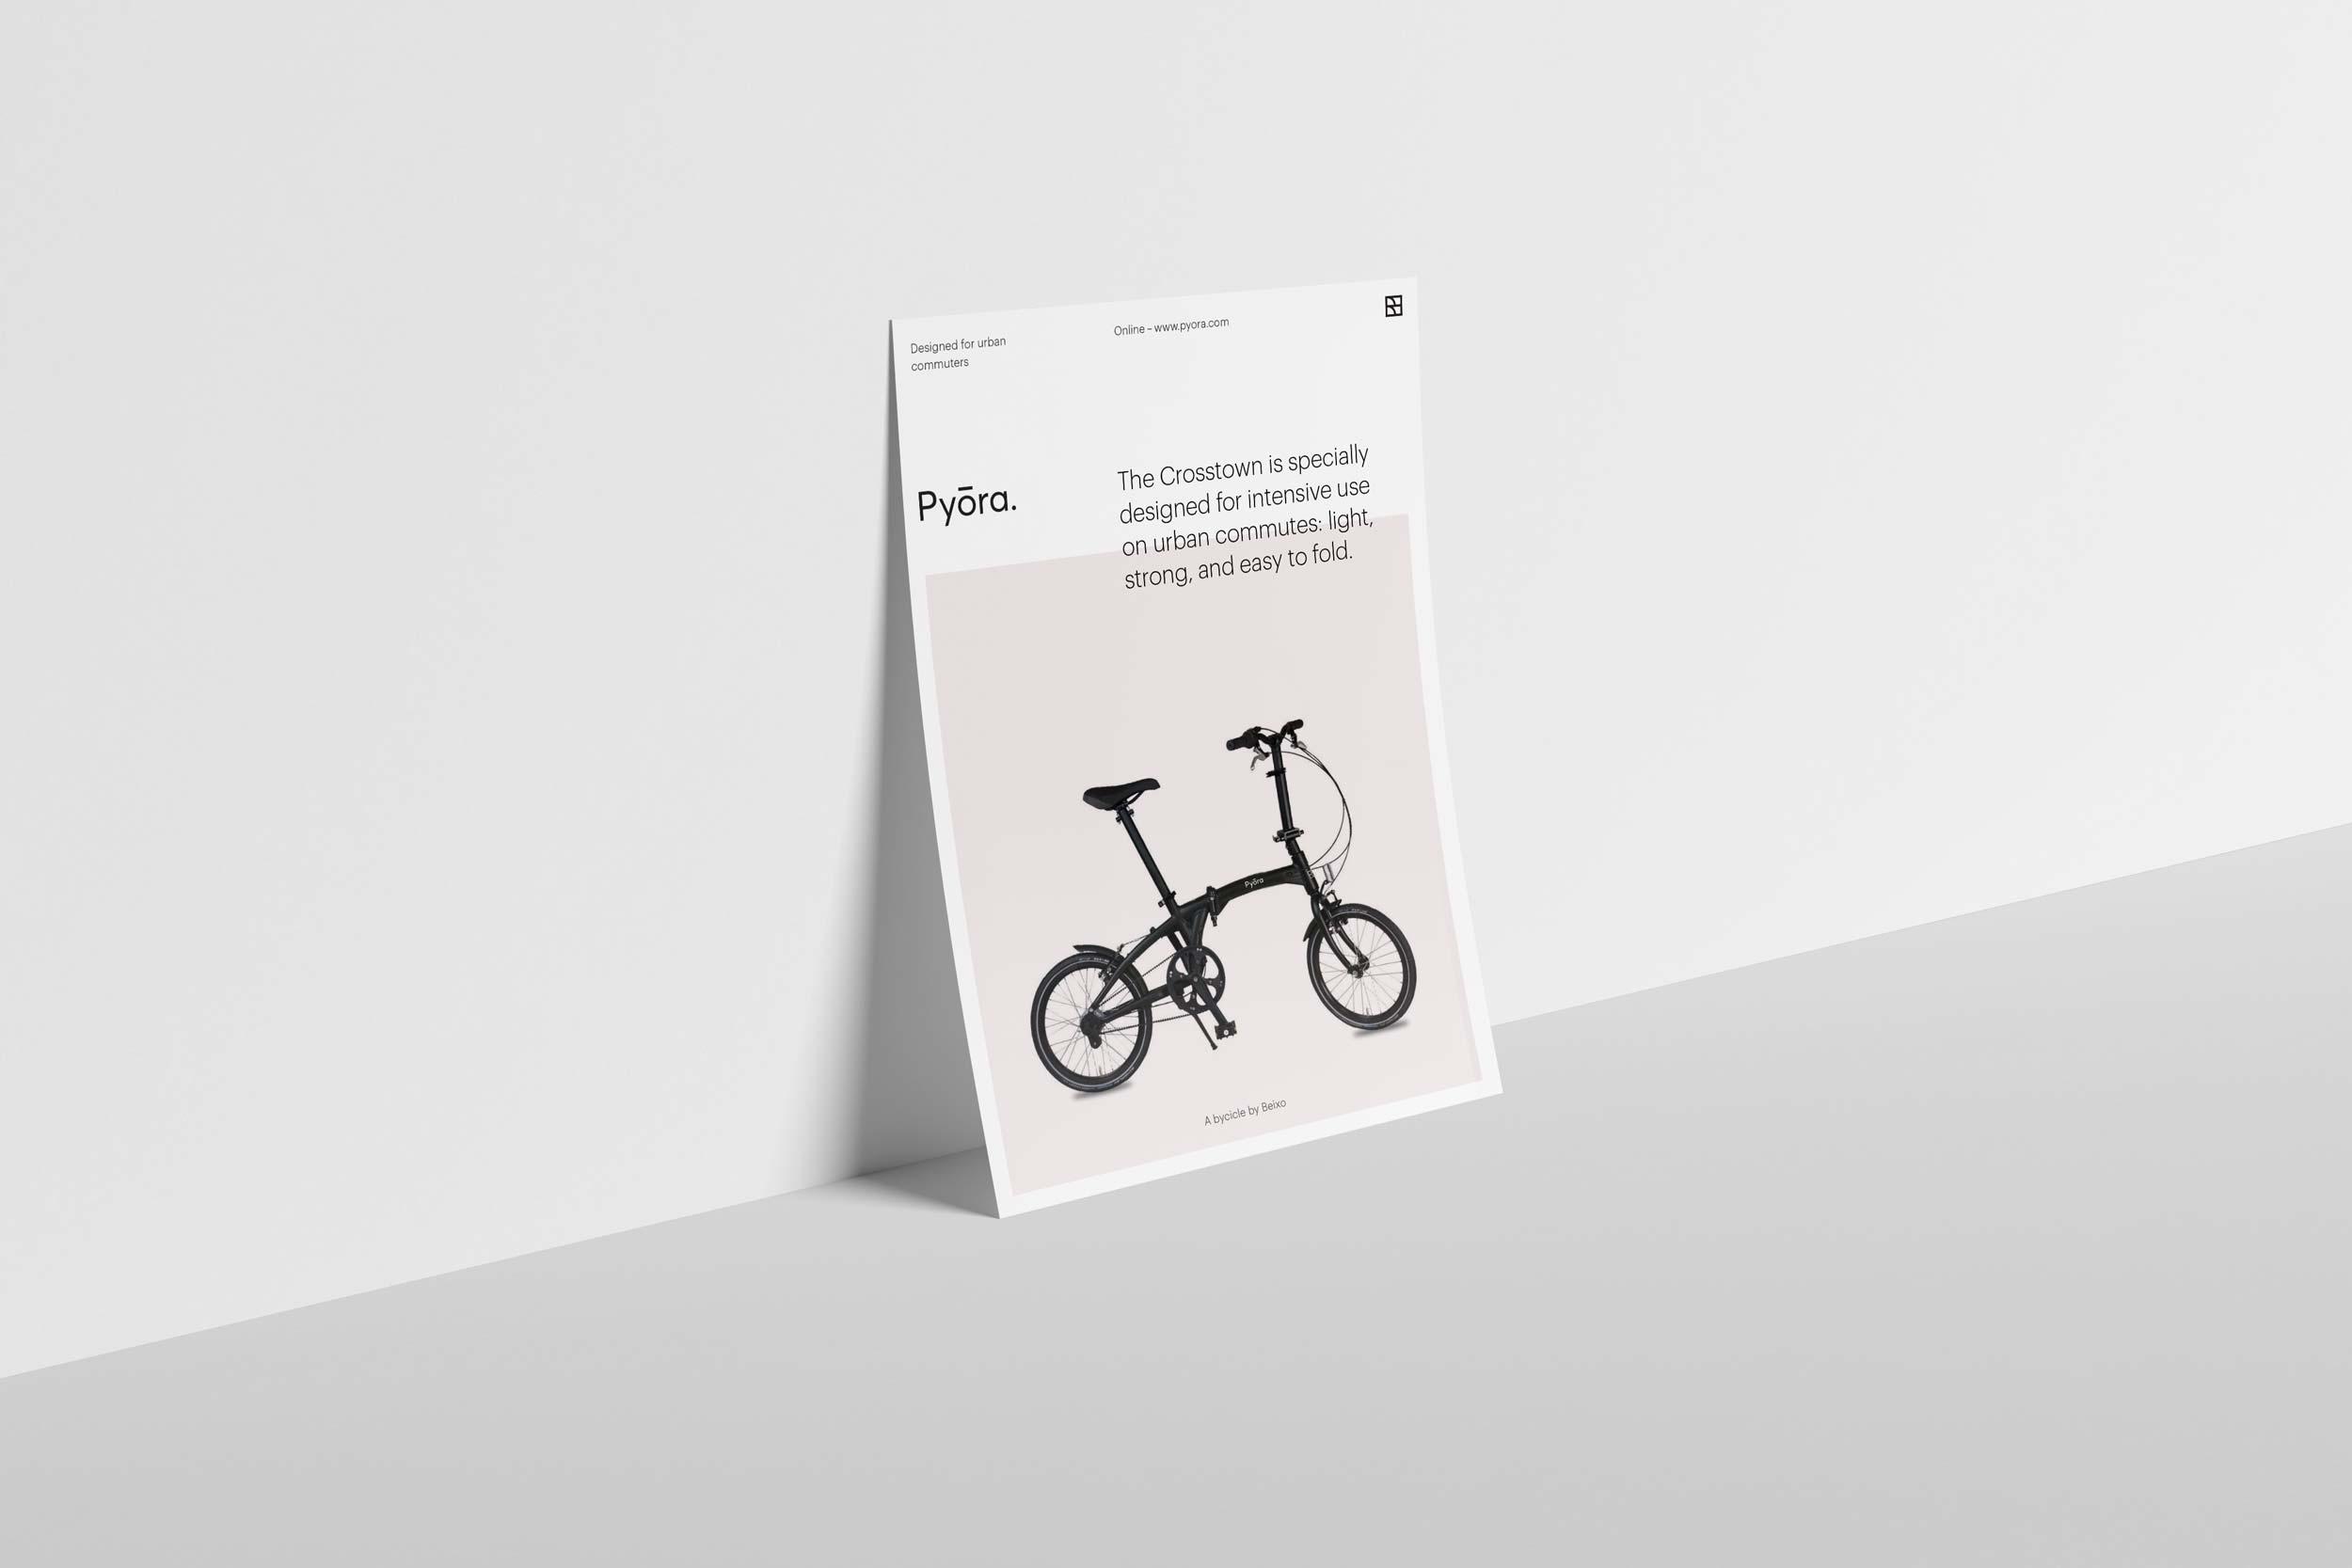 Staande flyer die de Brand Identity van fietsenmerk Pyora laat zien